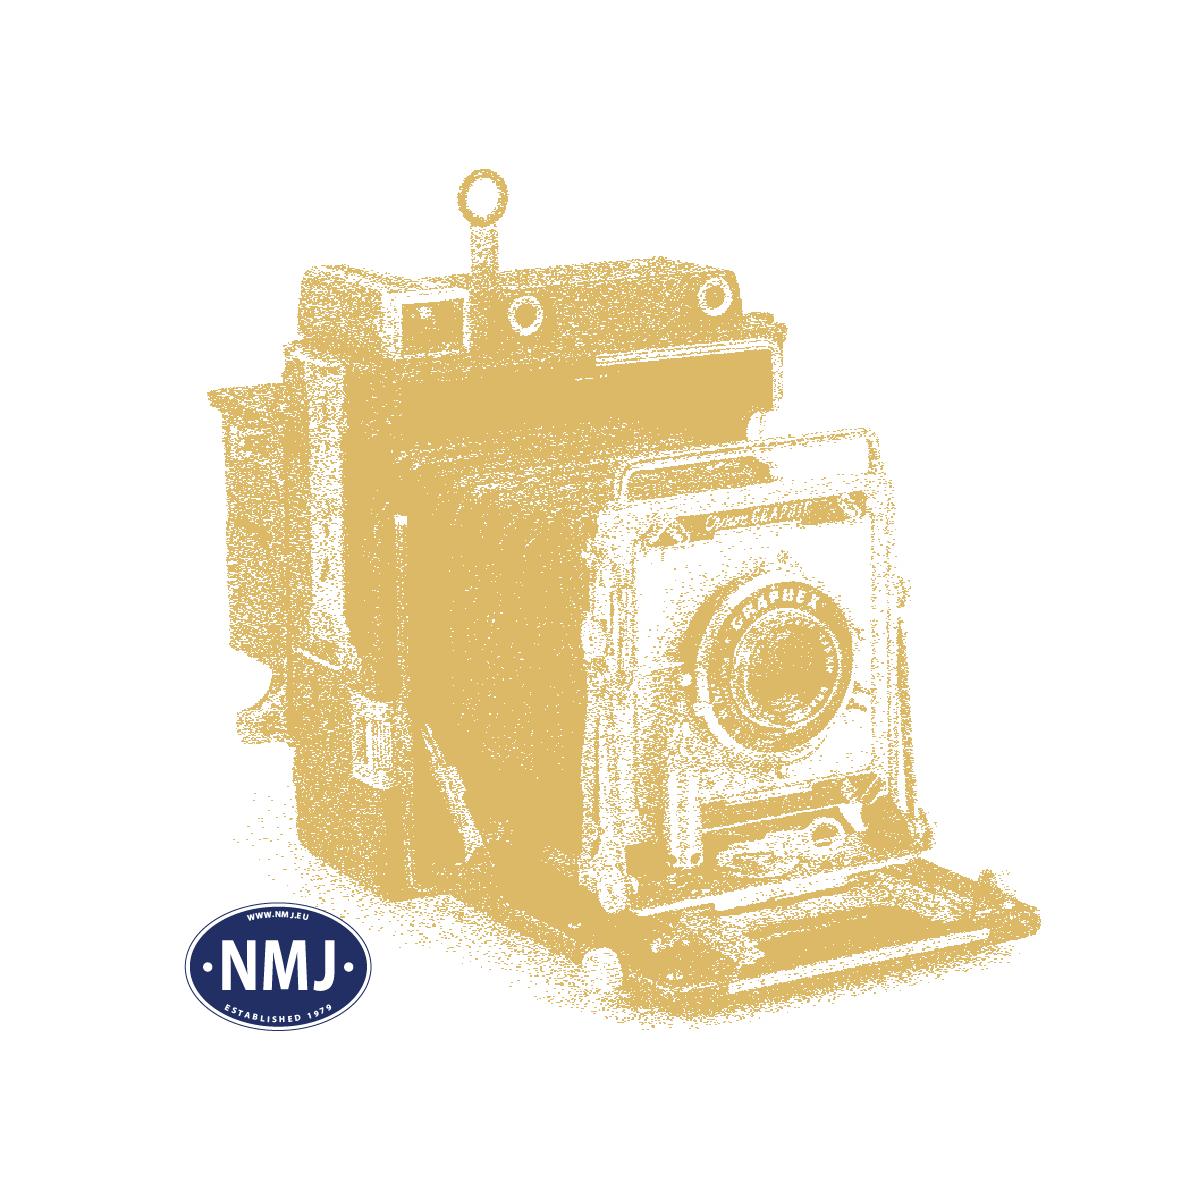 NMJ0TL4-4 - NMJ Superline Modell des Rungenwagens Om 44 76 361 0692-7 der NSB, m/Seiten- und Stirnwänden Spur 0